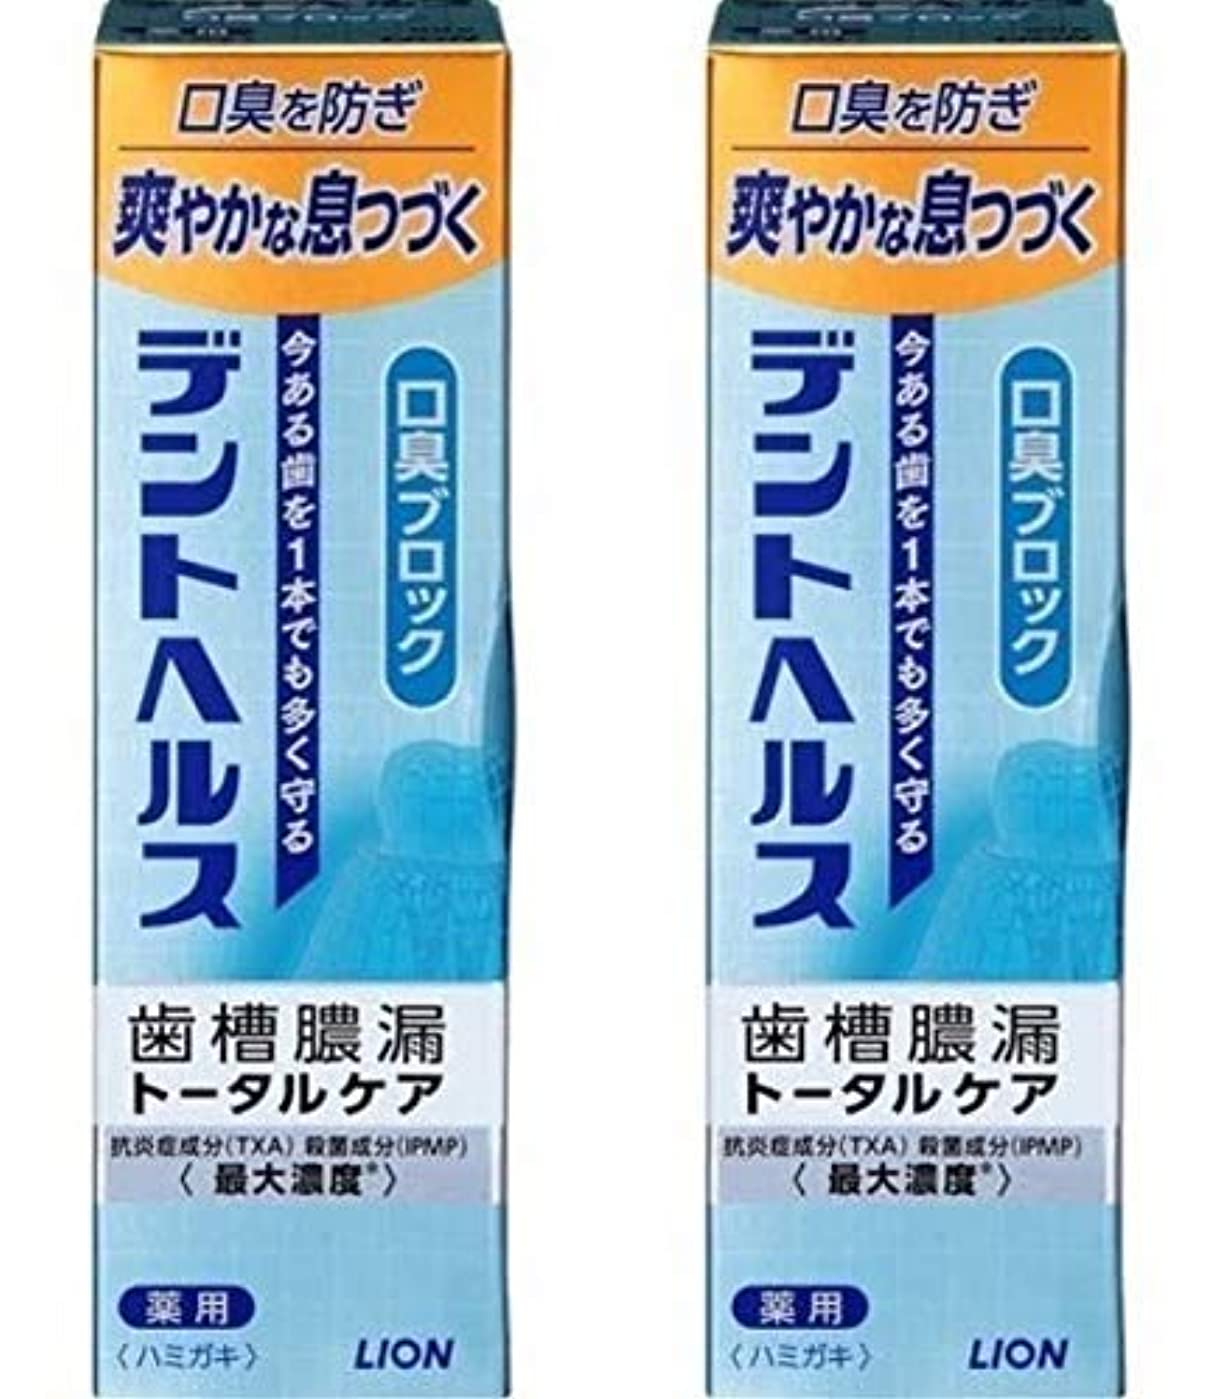 病気ブローホール不機嫌歯槽膿漏予防に デントヘルス 薬用ハミガキ 口臭ブロック 85g 【2個セット】